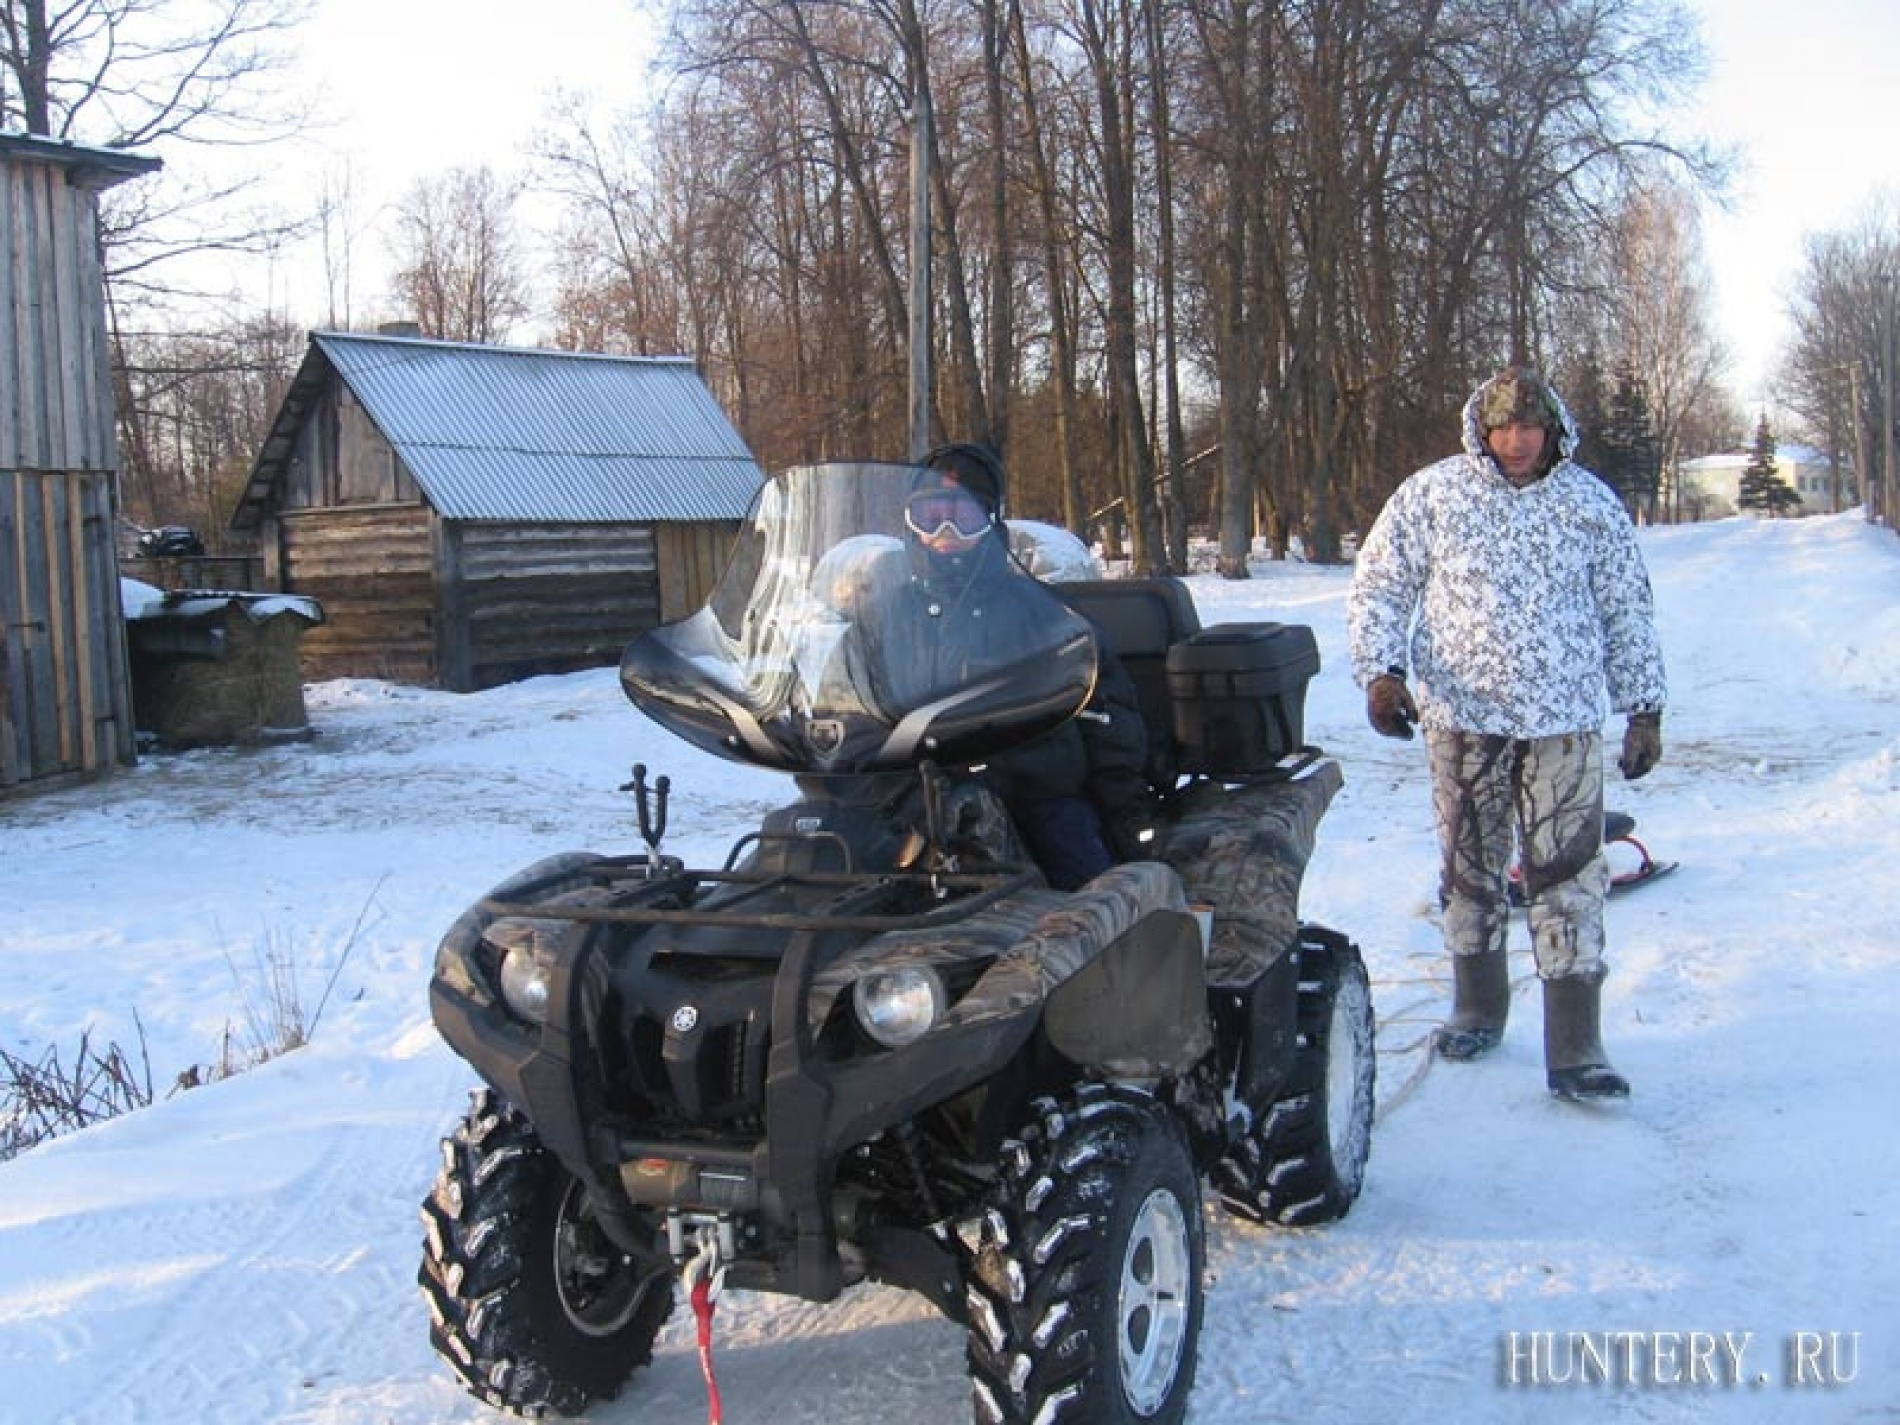 """Охотничье хозяйство """"Охотничьи традиции"""" Смоленская область, фото 8"""